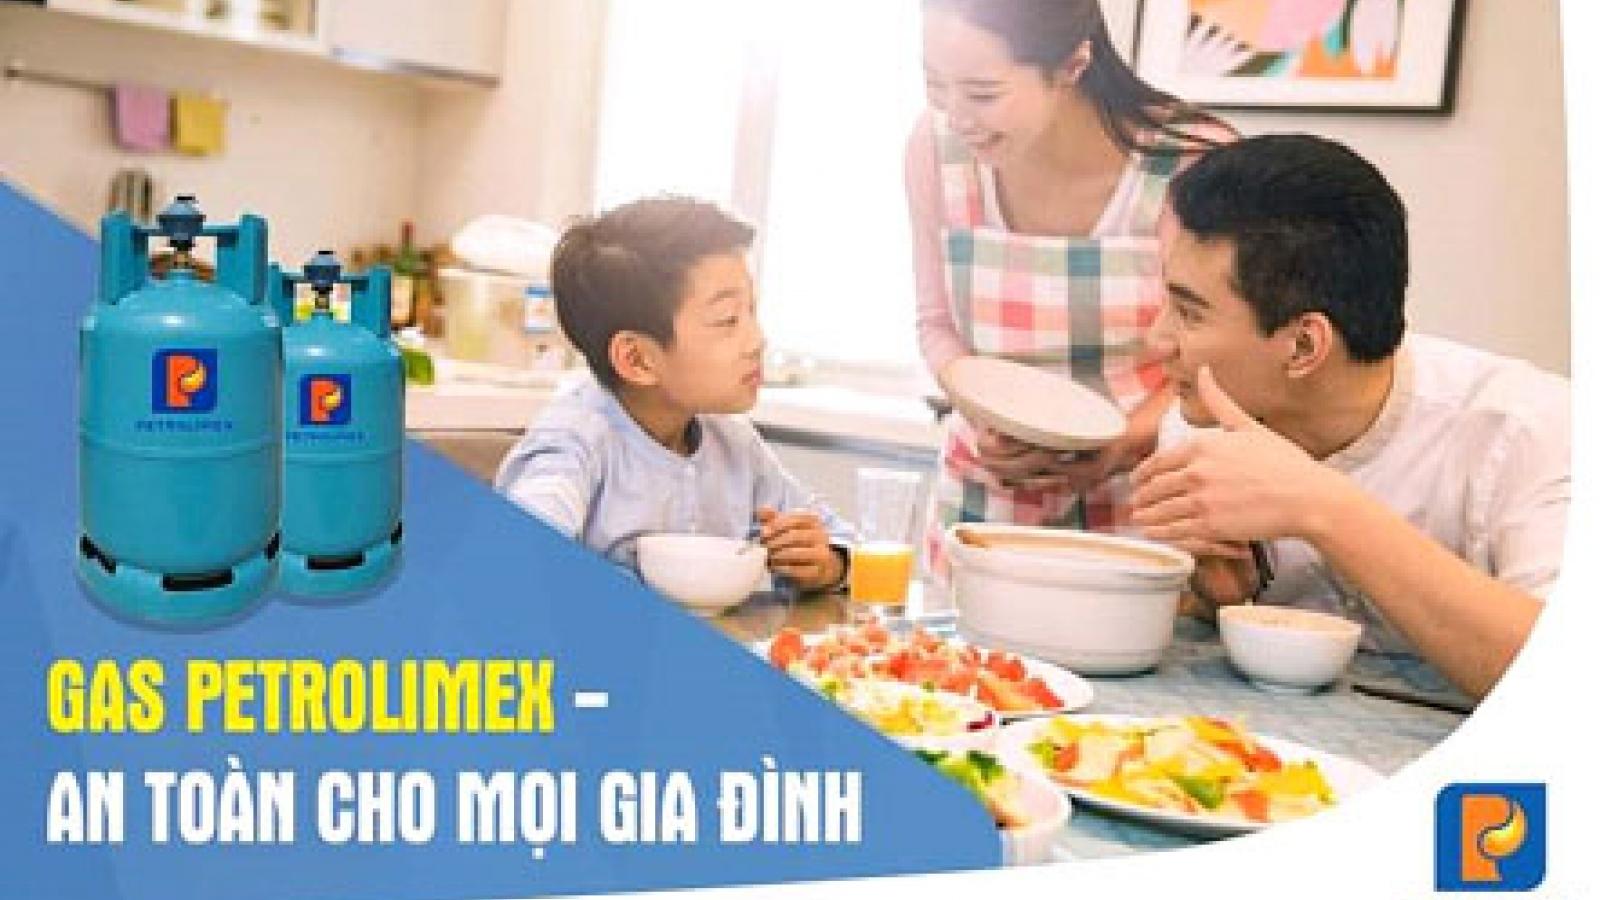 Gas Petrolimex: Nỗ lực vì sự an toàn chất lượng và quyền lợi người tiêu dùng